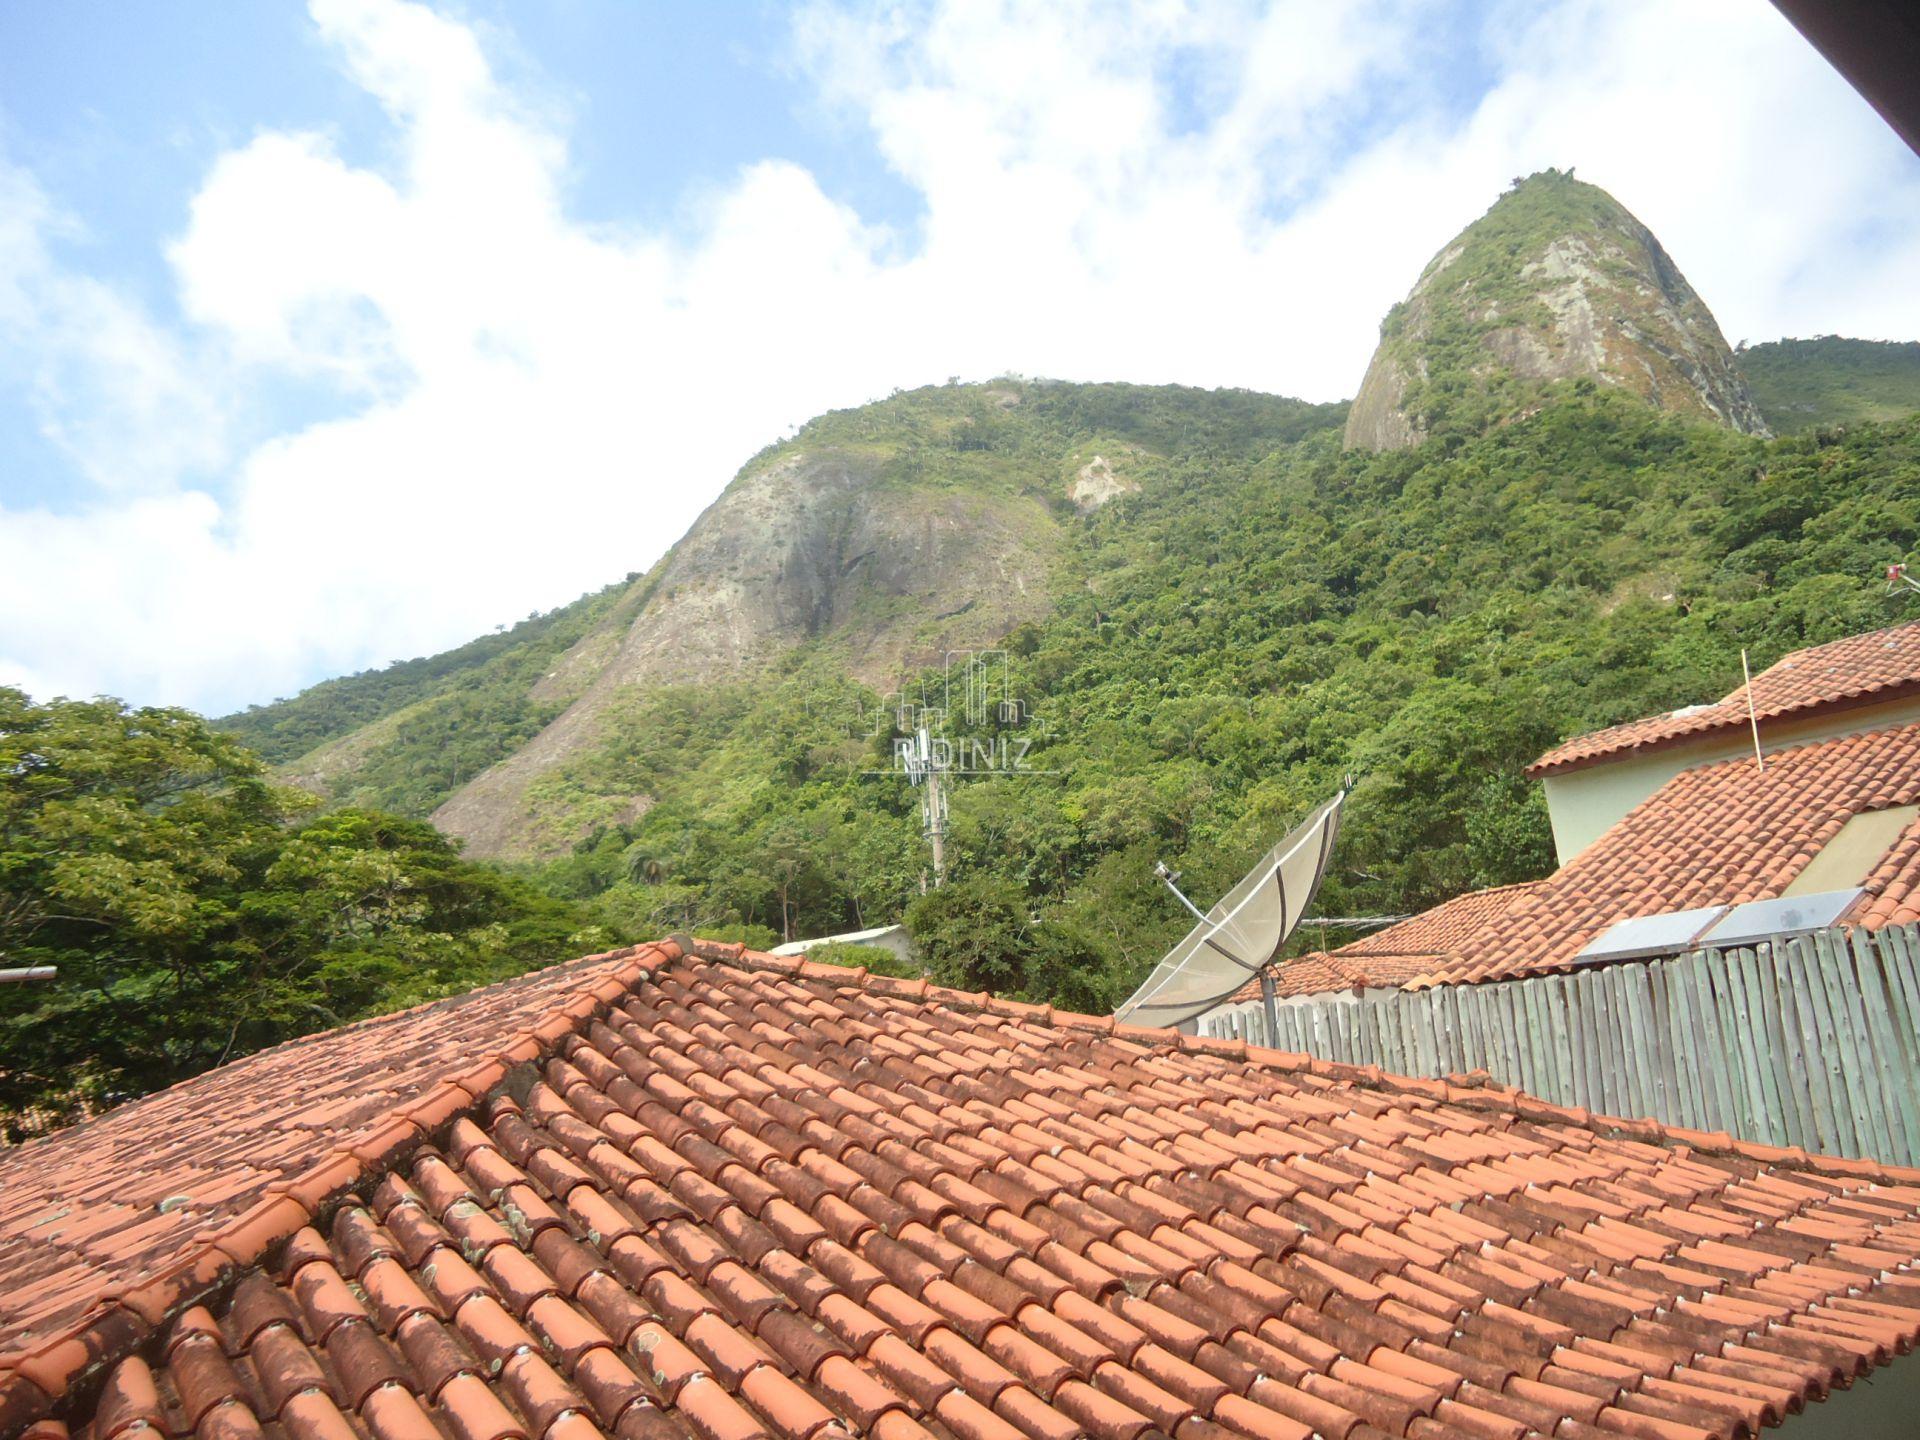 Itacoatiara, terreno com casa e edícula, praia, costão, Niterói, Rio de Janeiro. - im011274 - 1